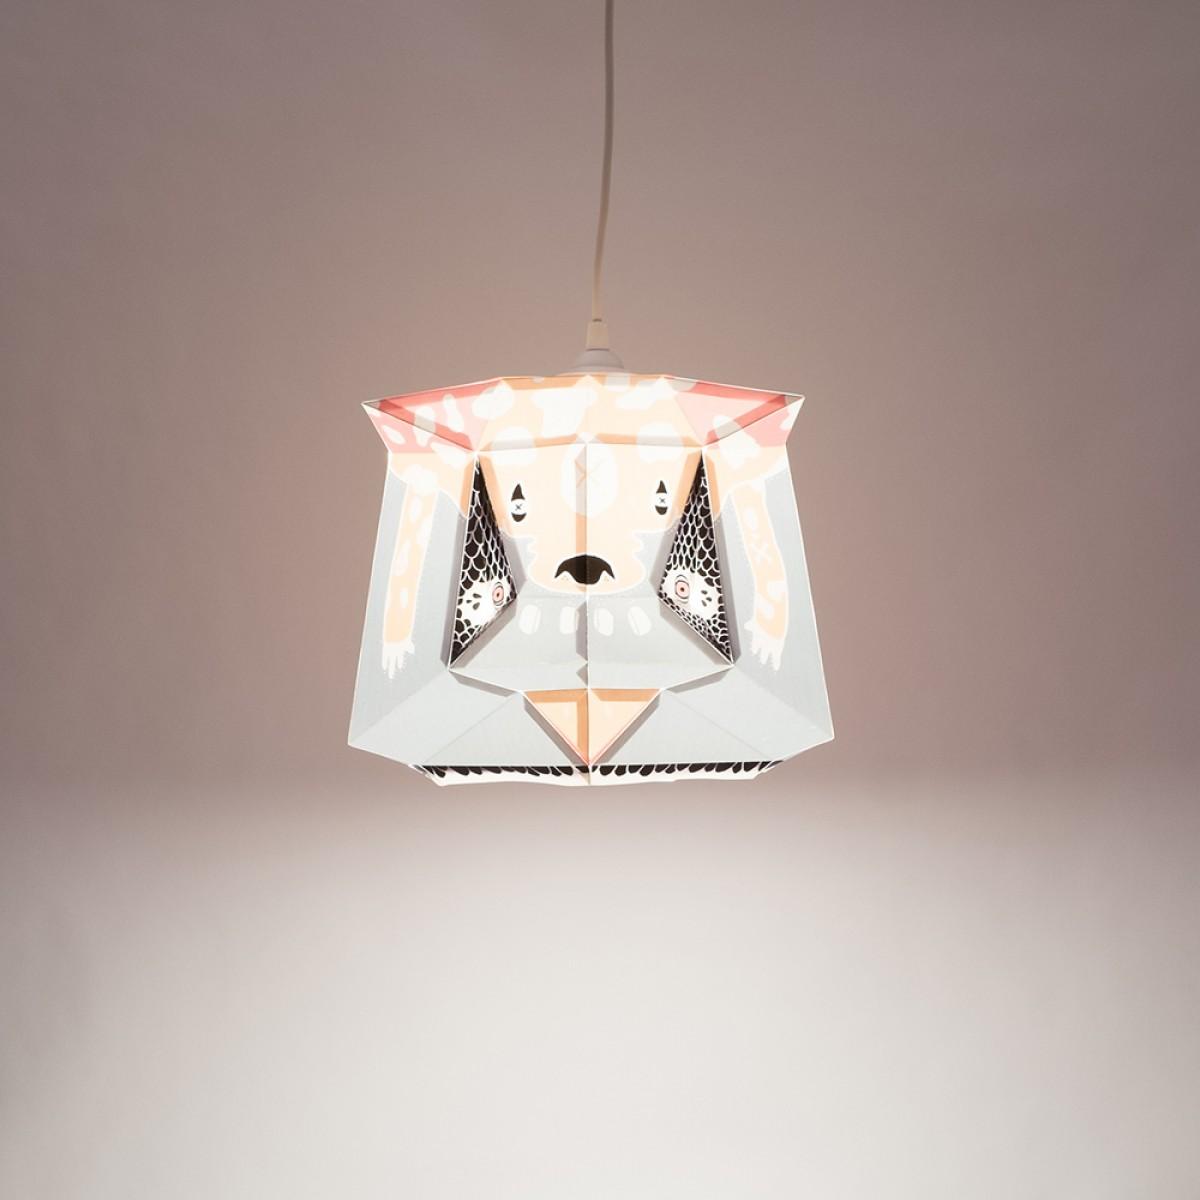 Chapa Medium X BOICUT – Ein Lampenschirm, ein Poster oder etwas Anderes... Du machst es selbst !